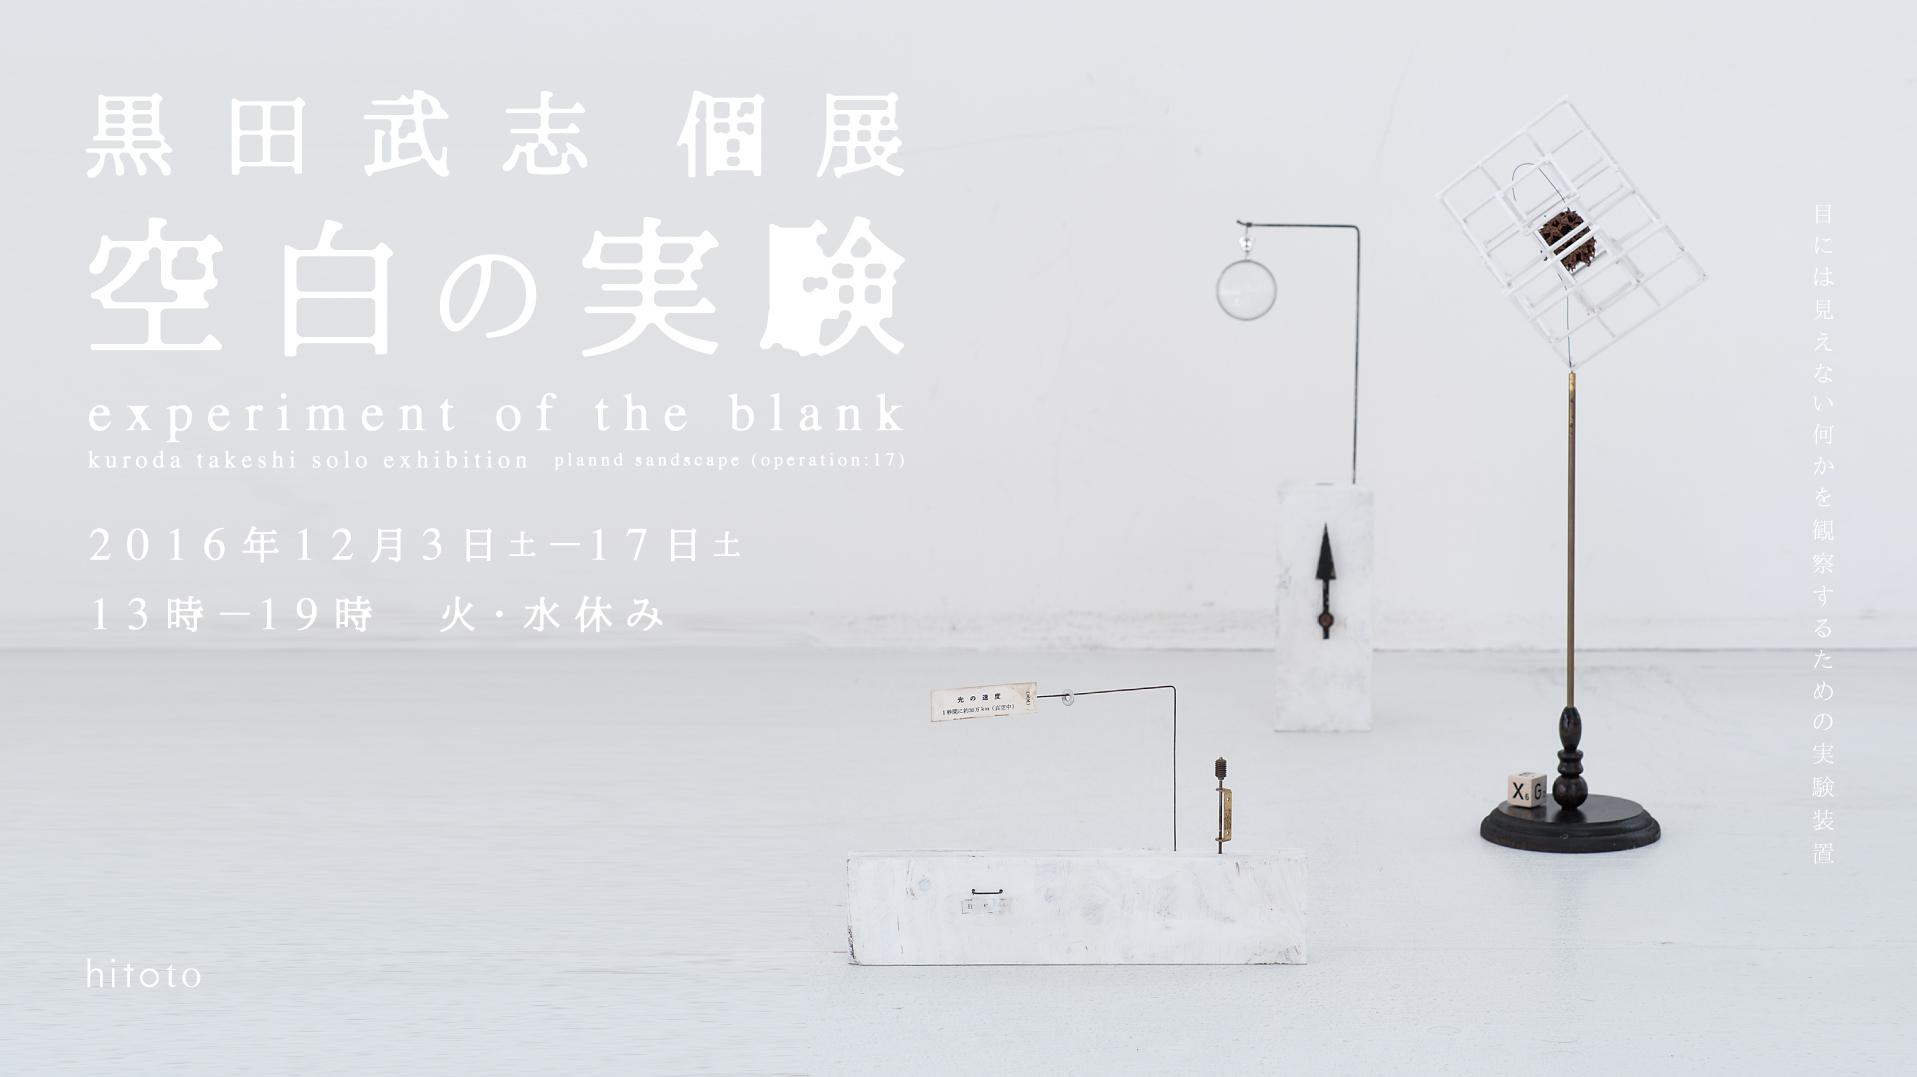 黒田武志「空白の実験」